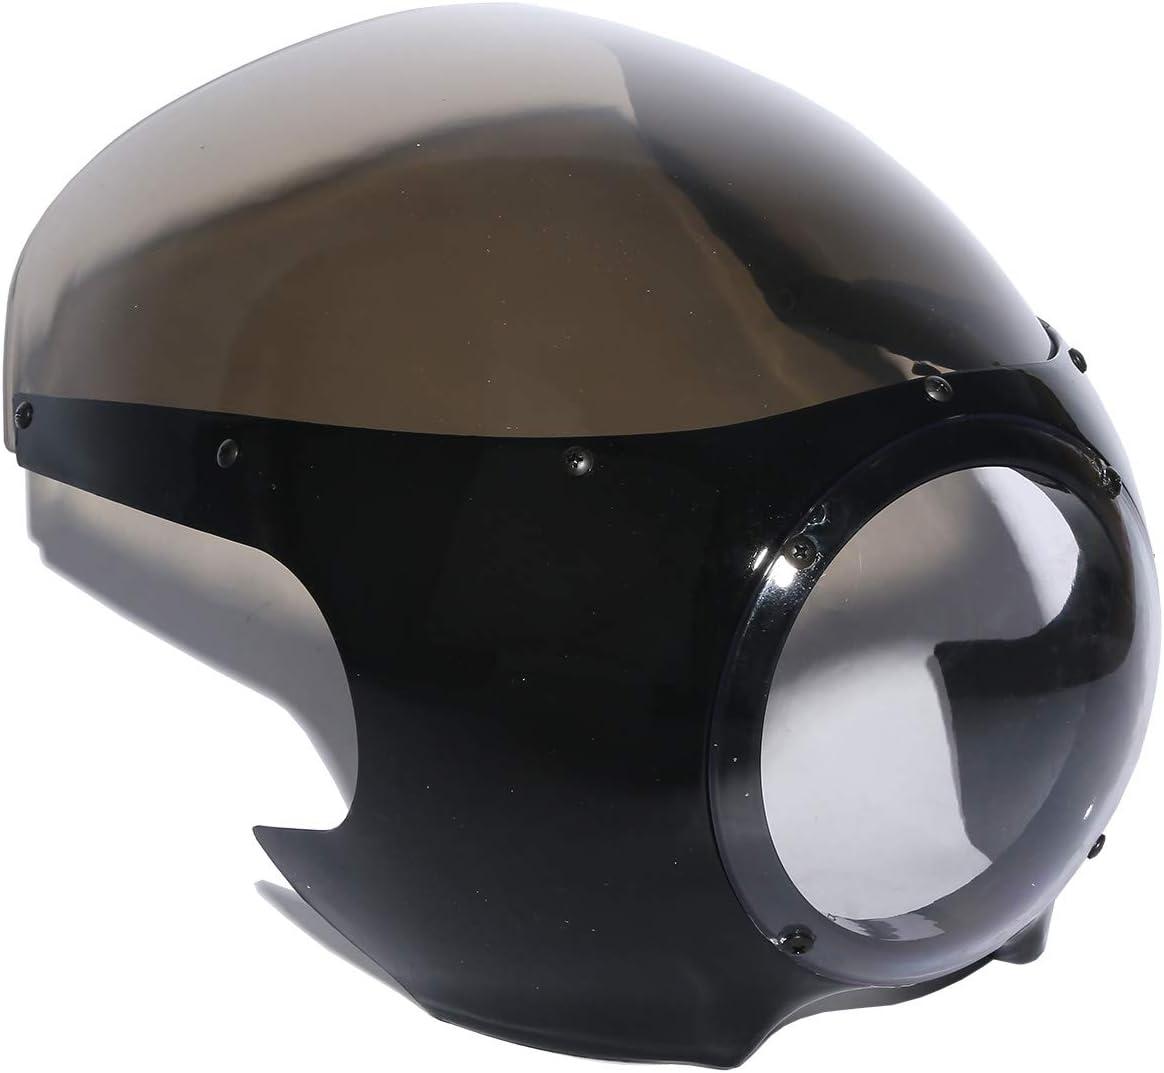 Krator Motorcycle 5-3//4 Headlight Fairing Screen Black /& Smoke Retro Cafe Racer Drag for Harley Davidson Sportster 883 2004-2009